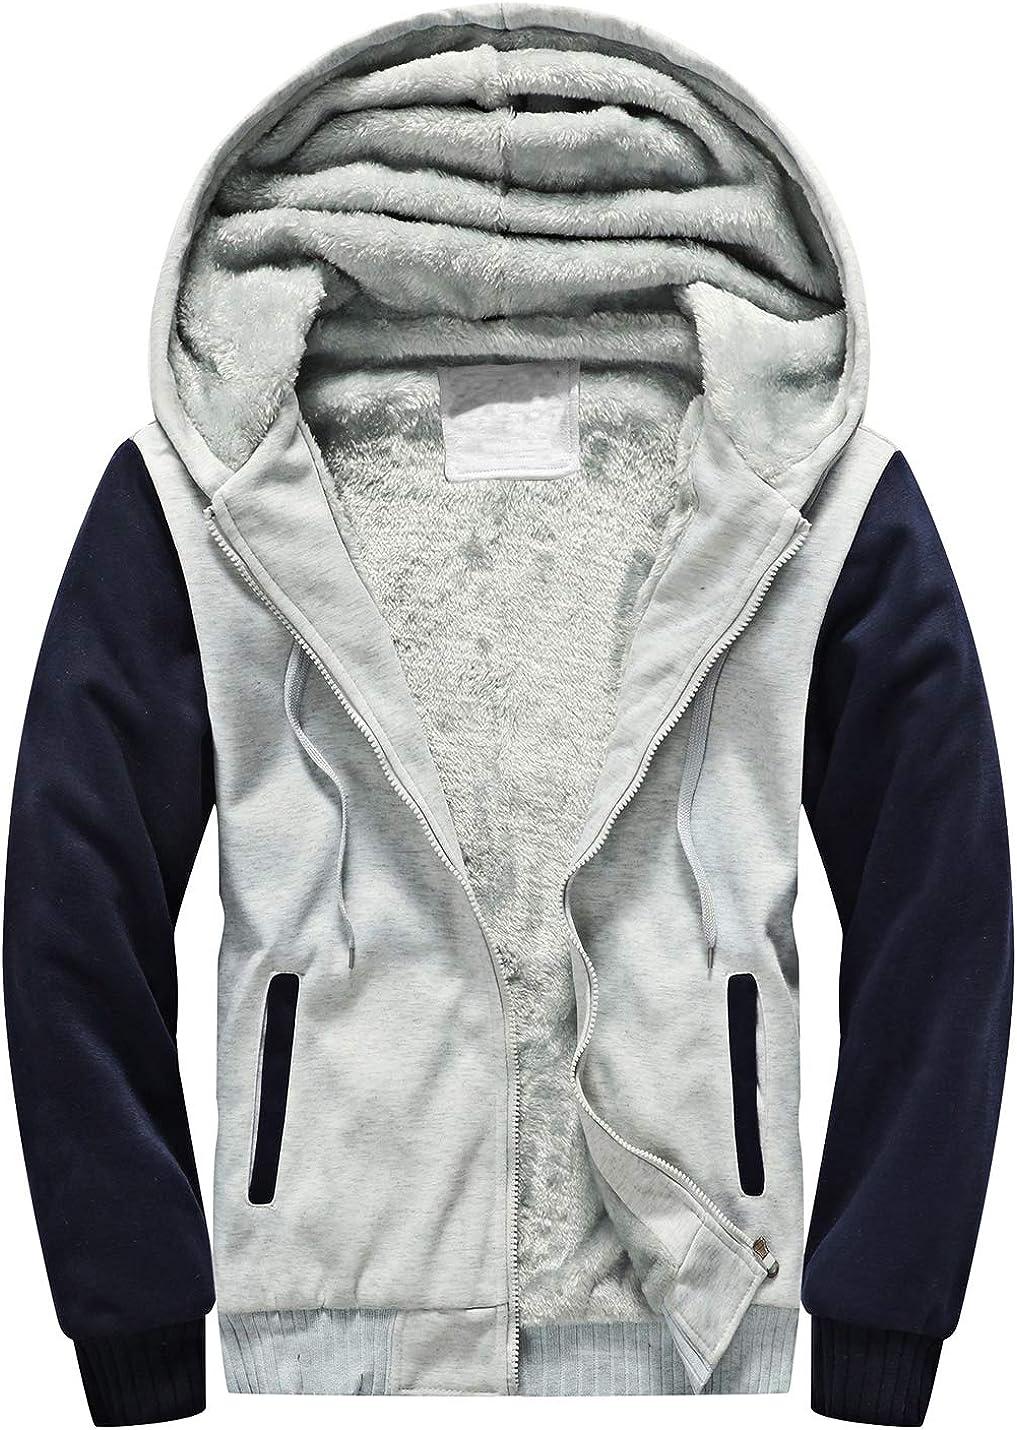 Yeokou Mens Thick Sherpa Lined Full Zip Up Fleece Hoodie Sweatshirt Winter Coat